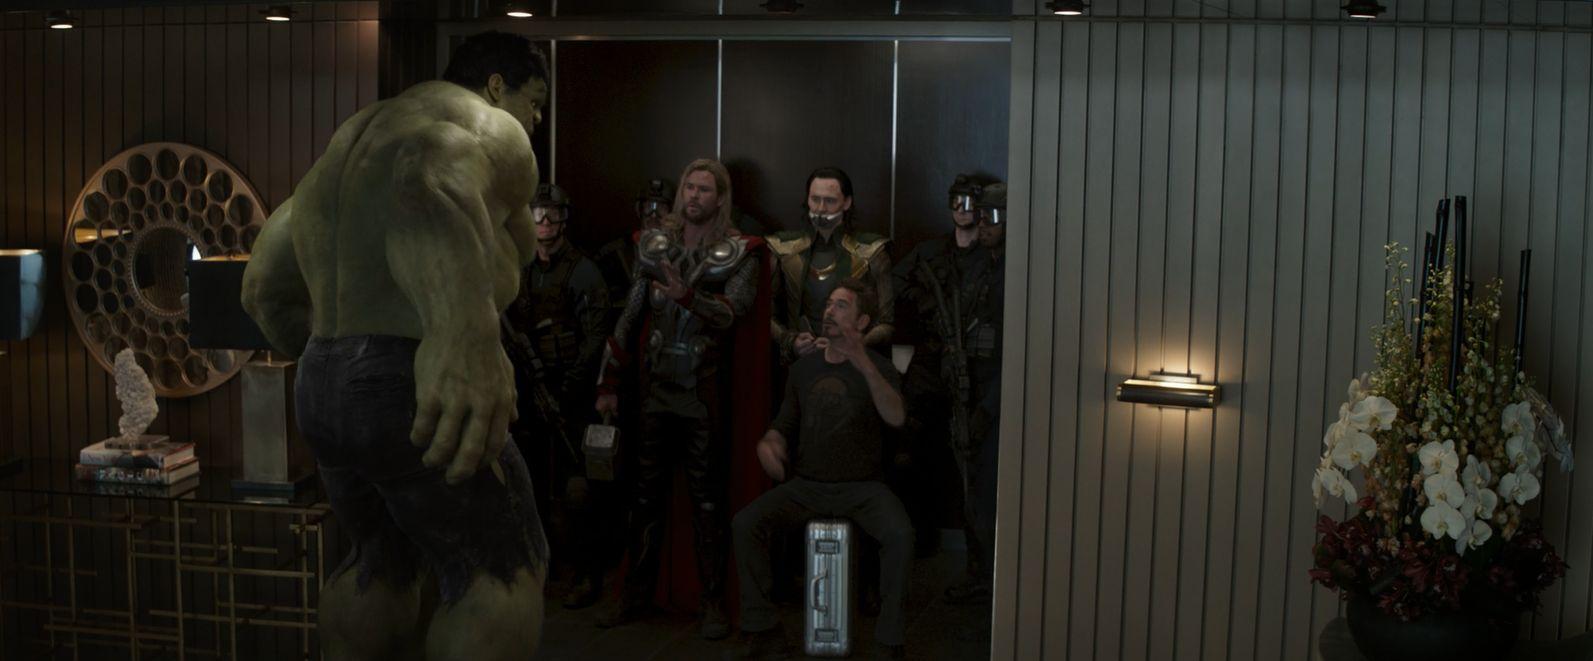 """Sekwencja początkowa z przejęciem Tesseraktu pochodzi oczywiście z filmu """"Avengers: Koniec gry"""", pokazując de facto to, co działo się w produkcji """"Avengers"""" z 2012 roku. Warto jednak zauważyć, że twórcy serialu nie zdecydowali się na nakręcenie nowych scen z członkami obsady filmu; dołączono jedynie krótkie i pozbawione dialogów ujęcia z Lokim, które ukazują wydarzenia z innej perspektywy."""